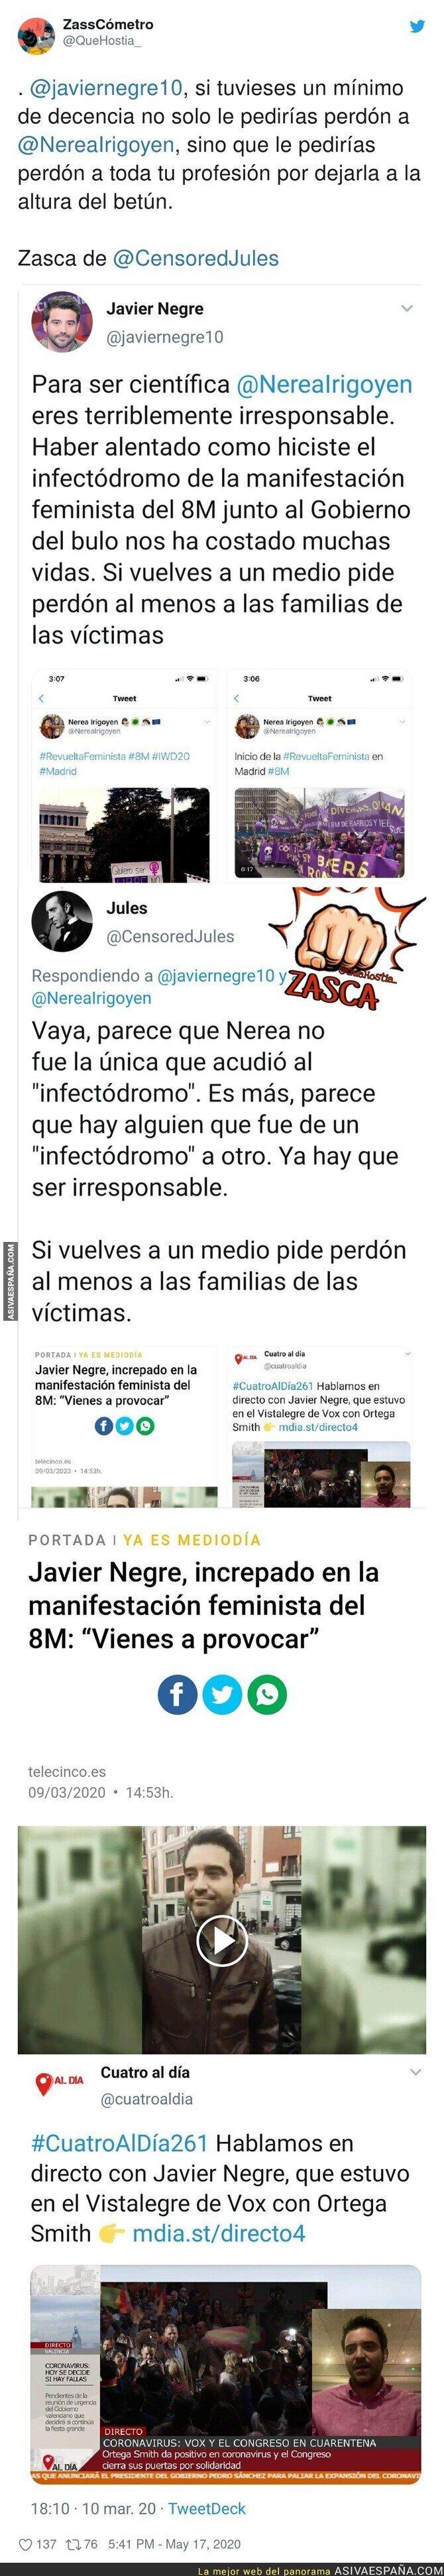 162403 - Escándalo: Así es como Javier Negre está acosando por redes sociales a la viróloga Nerea Irigoyen por haber acudido a las manifestaciones del 8M